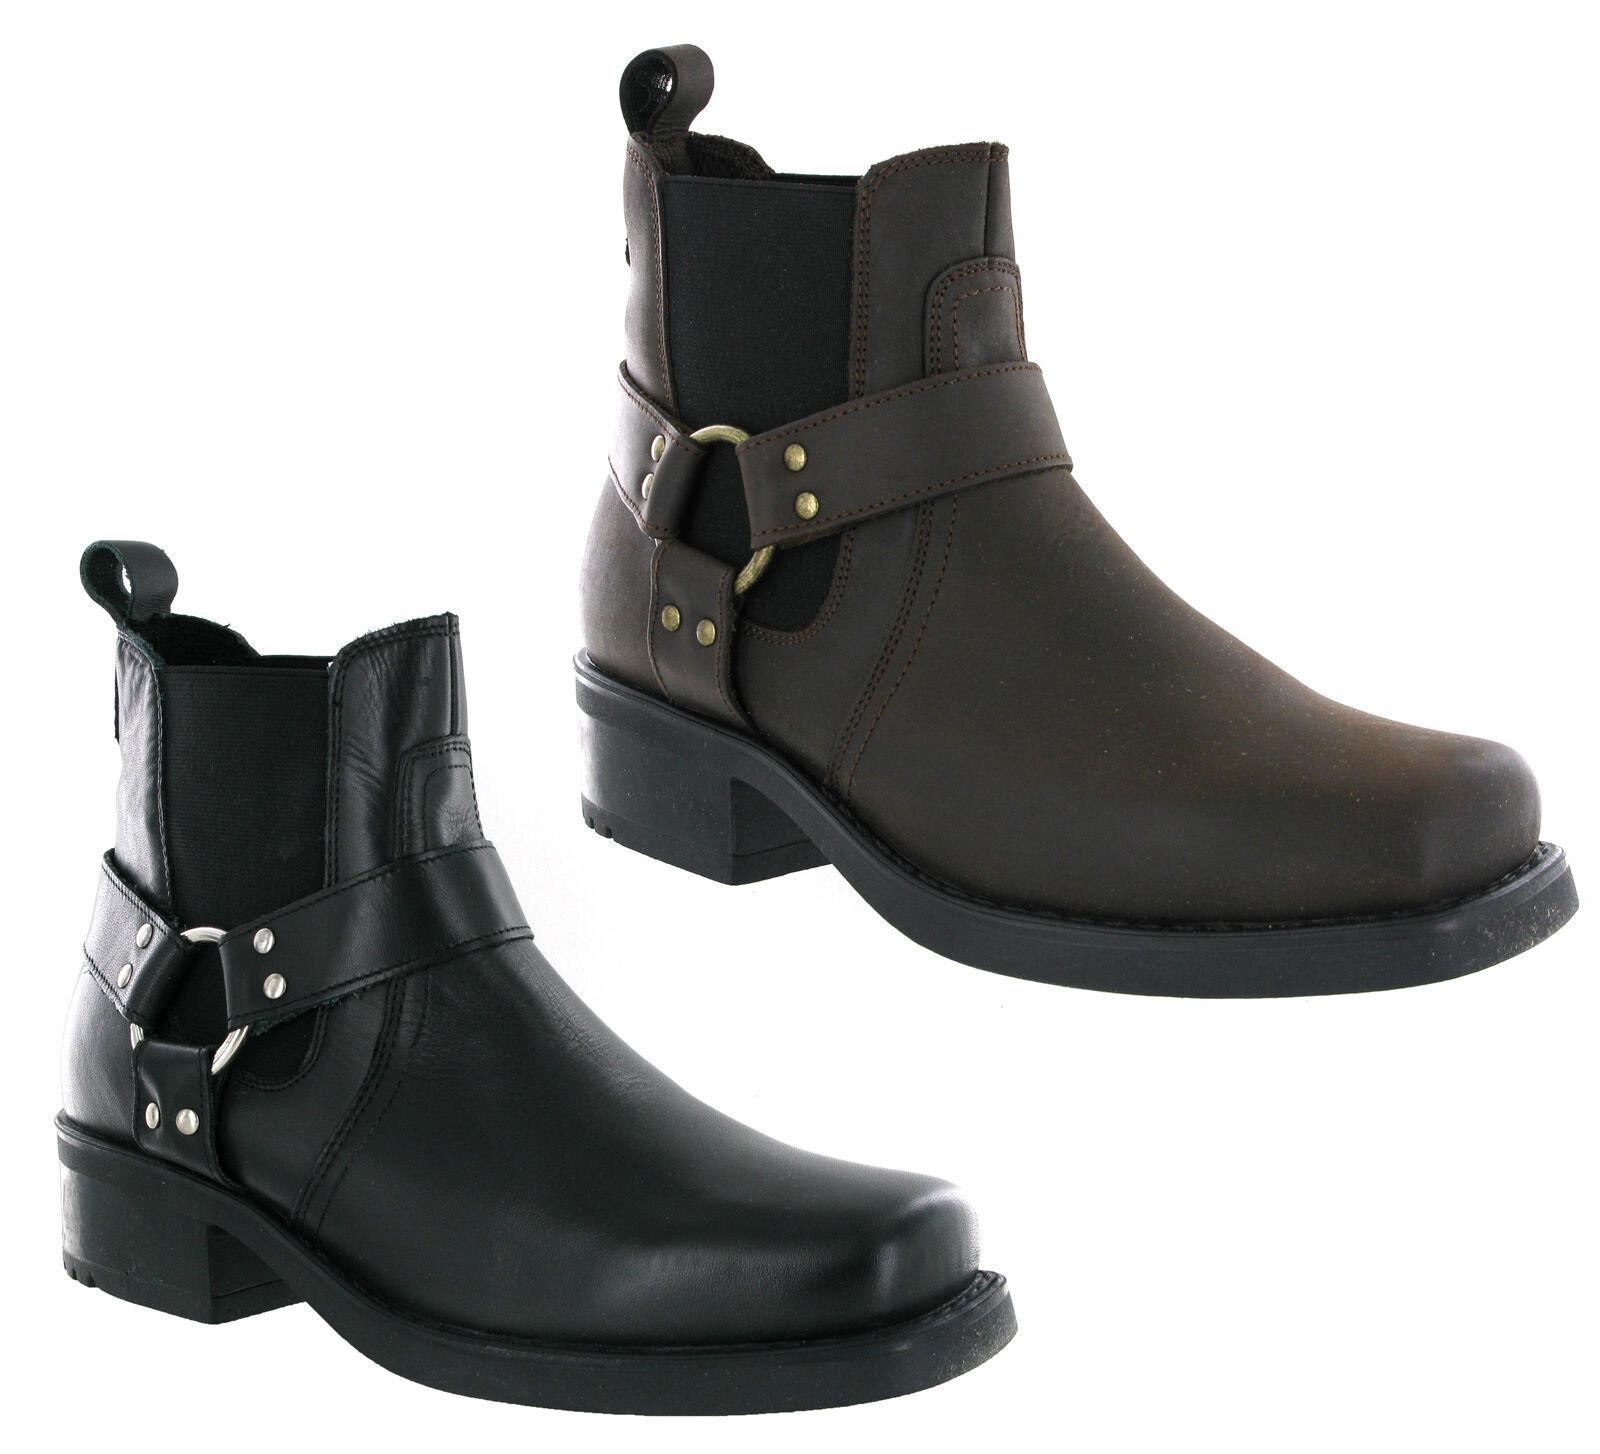 ORIGINALE tecnica e Moon Boots Classic Nylon e tecnica Classic Plus-Merce Nuova aa1629